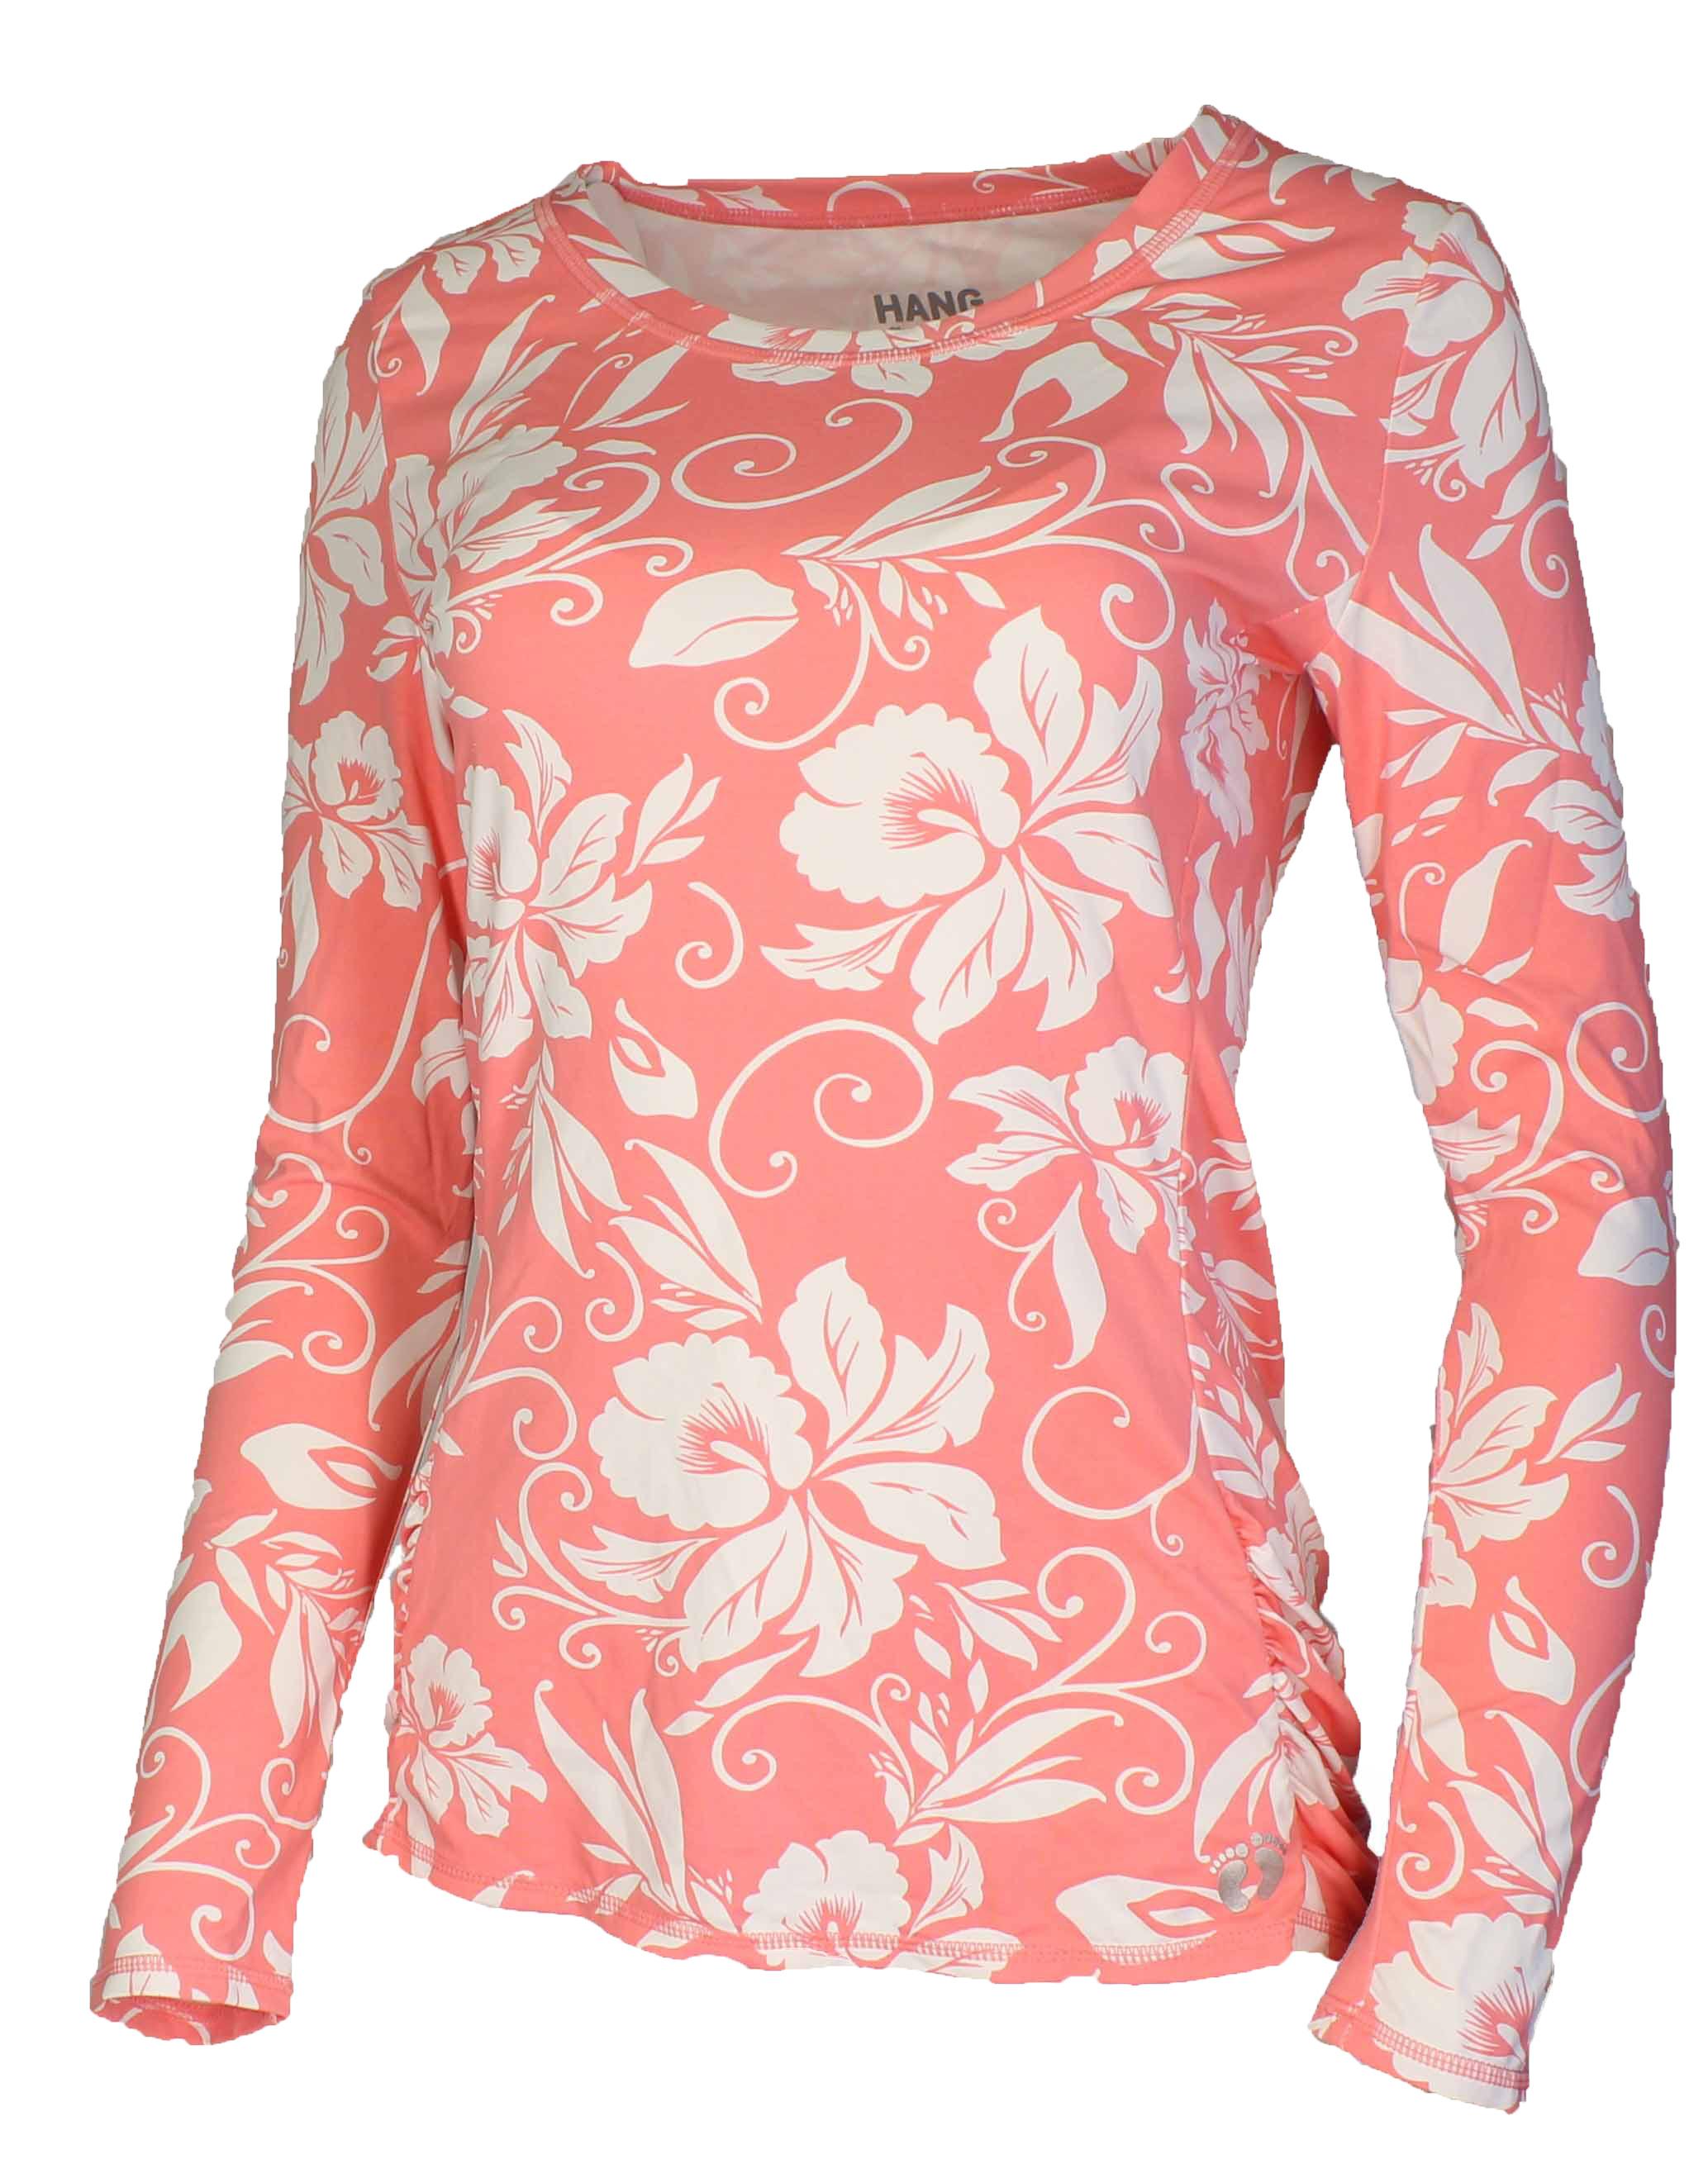 Hang ten womens drift long sleeve rash guard quick drying for Womens rash guard shirts